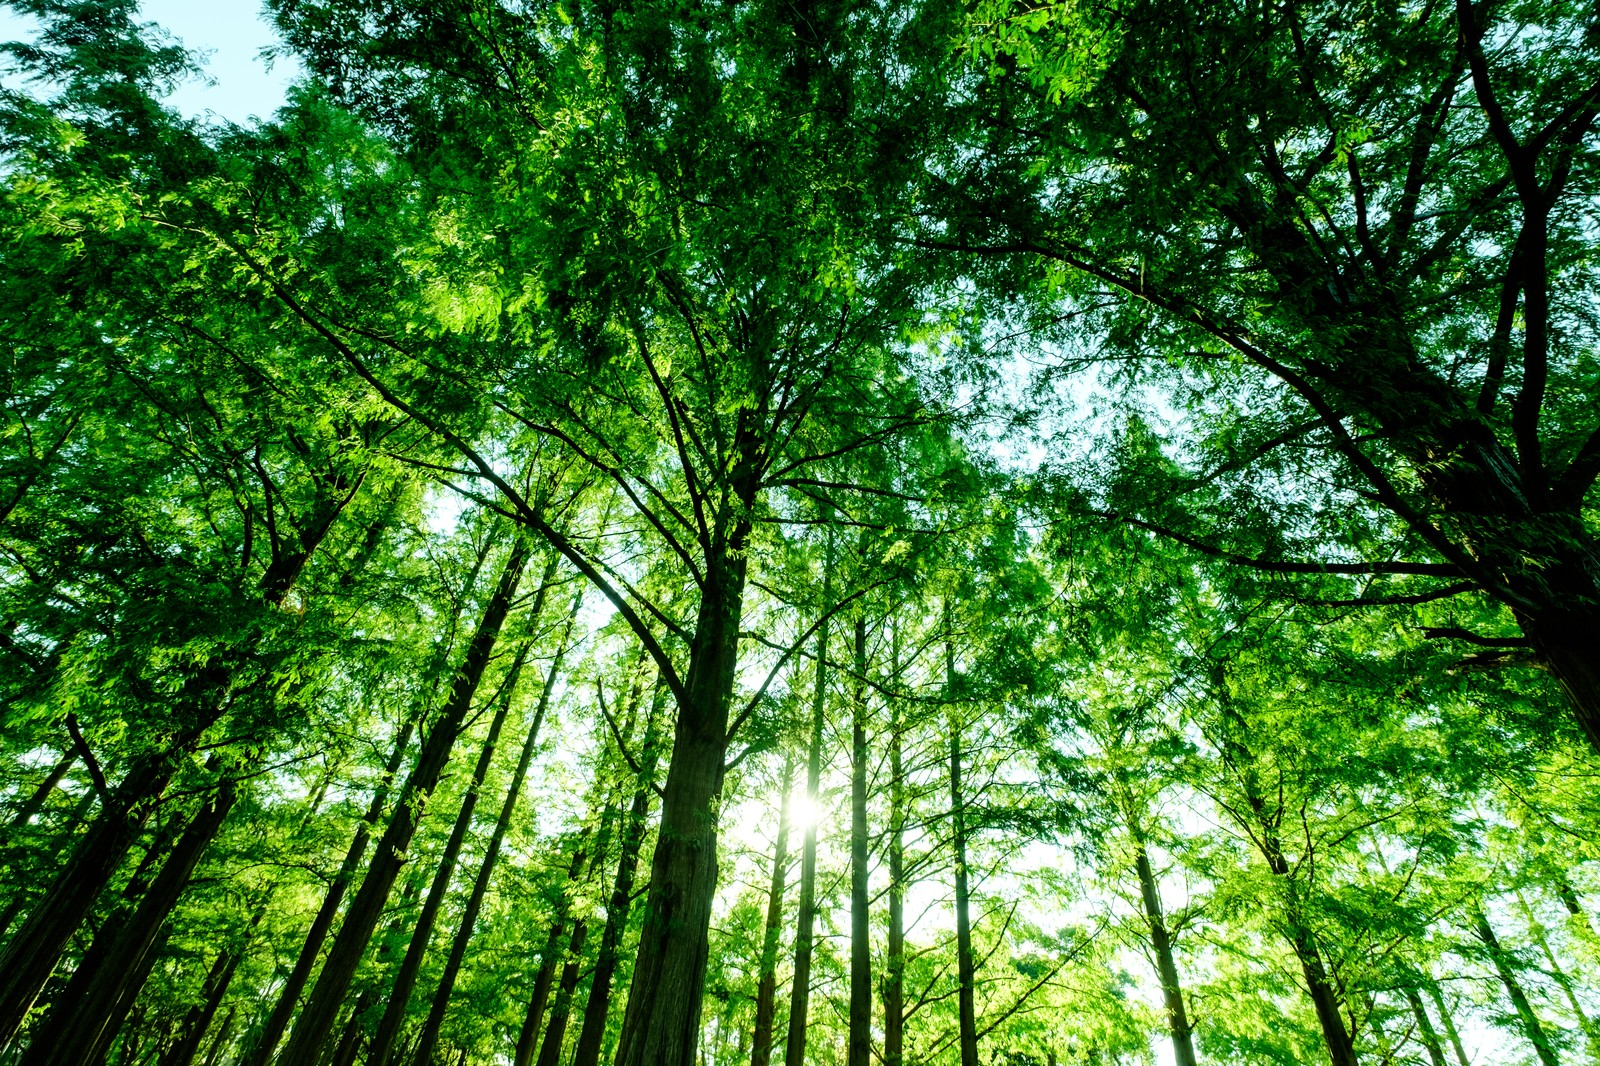 「新緑の森新緑の森」のフリー写真素材を拡大 新緑の森|ぱくたそフリー素材 カテゴリ一覧 ぱくたそ